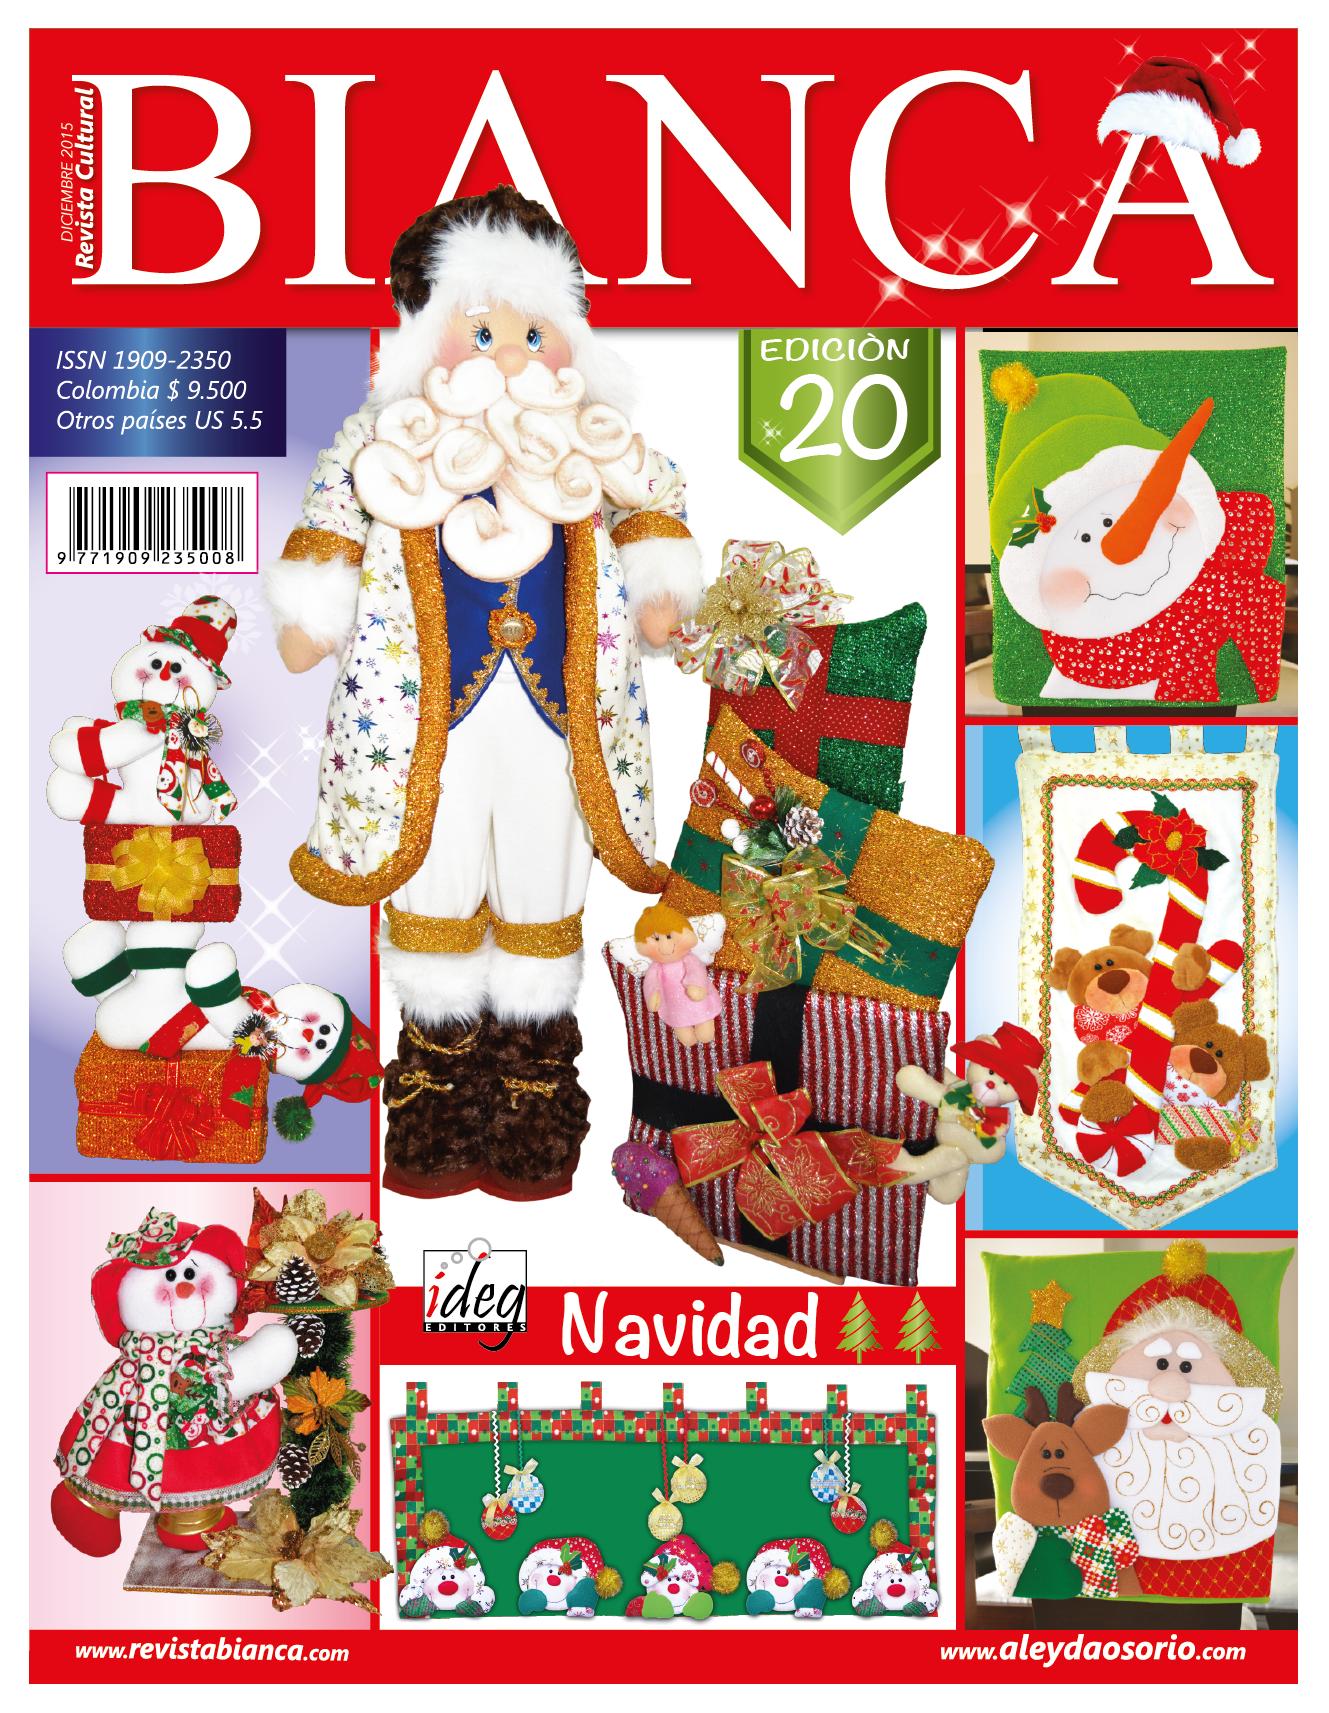 Aleyda osorio publicaciones y revistas ideas para el for Manualidades de navidad 2016